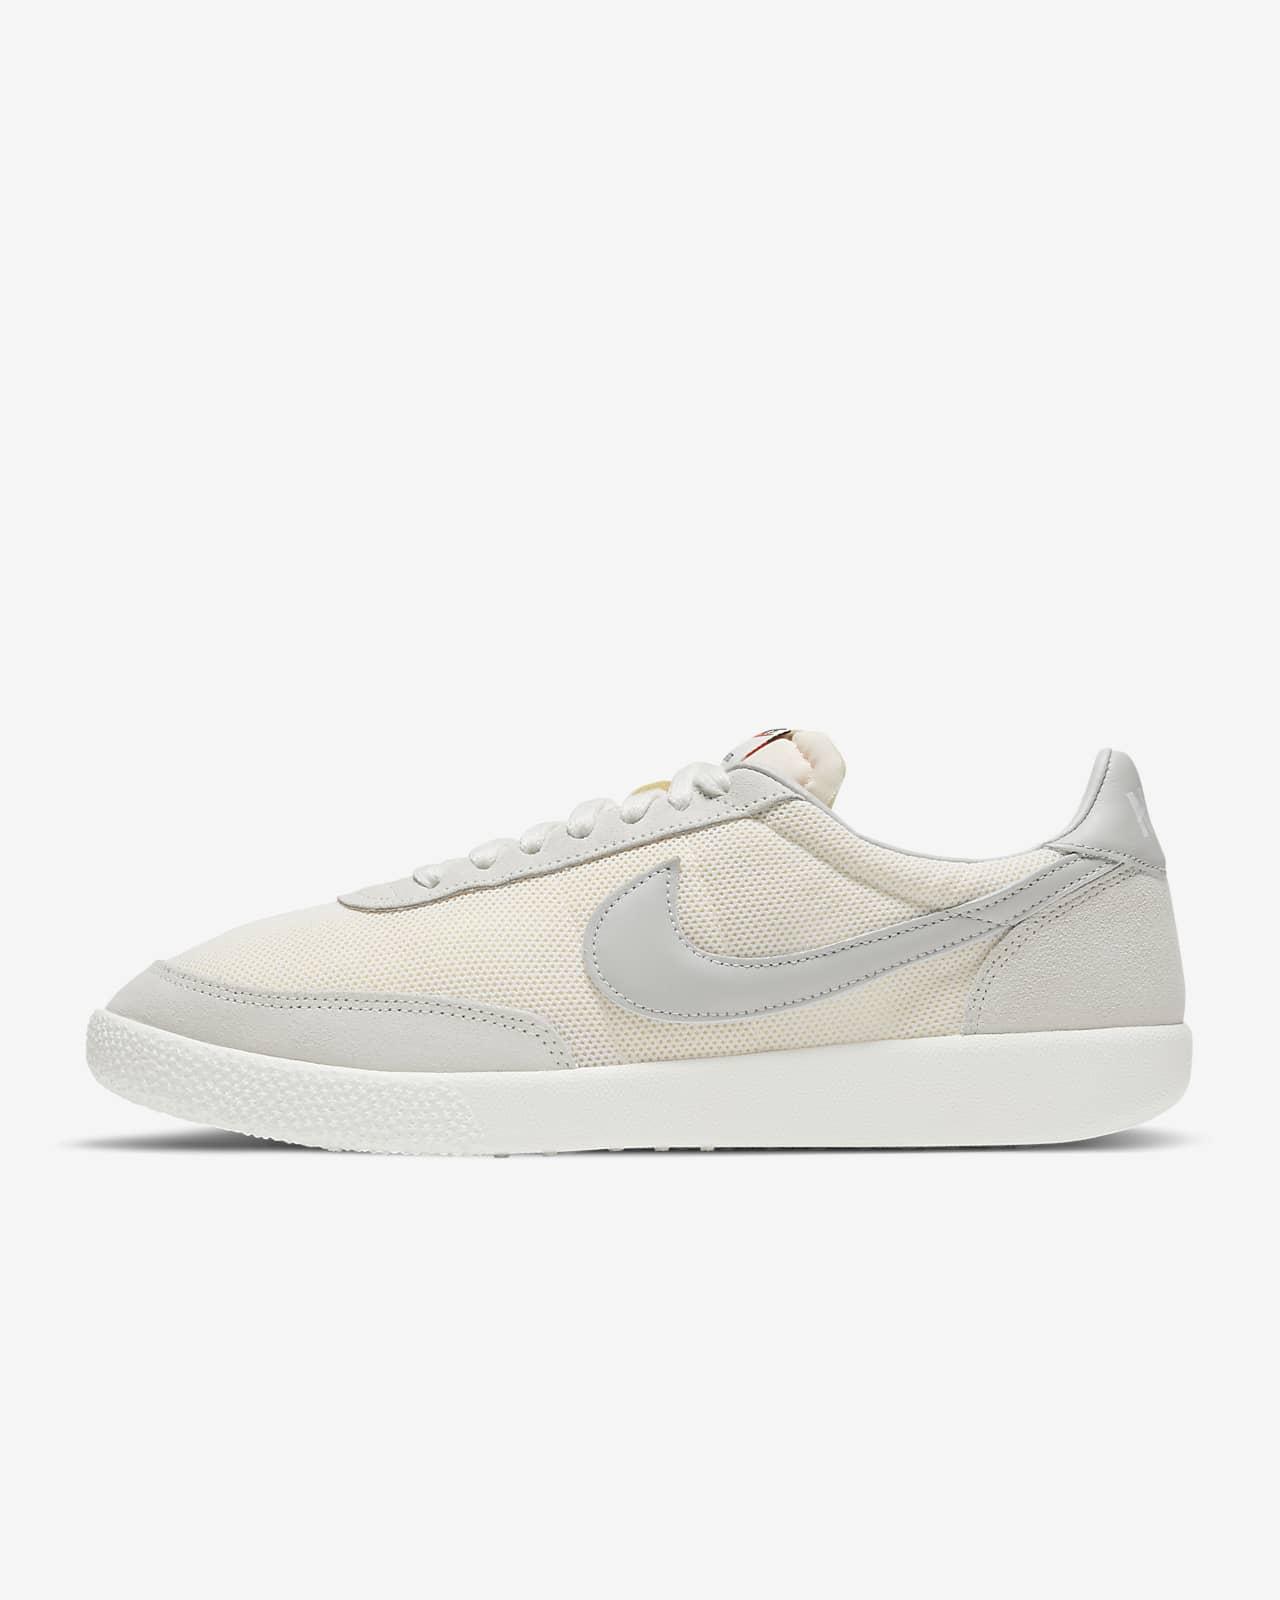 Nike Killshot OG 男鞋